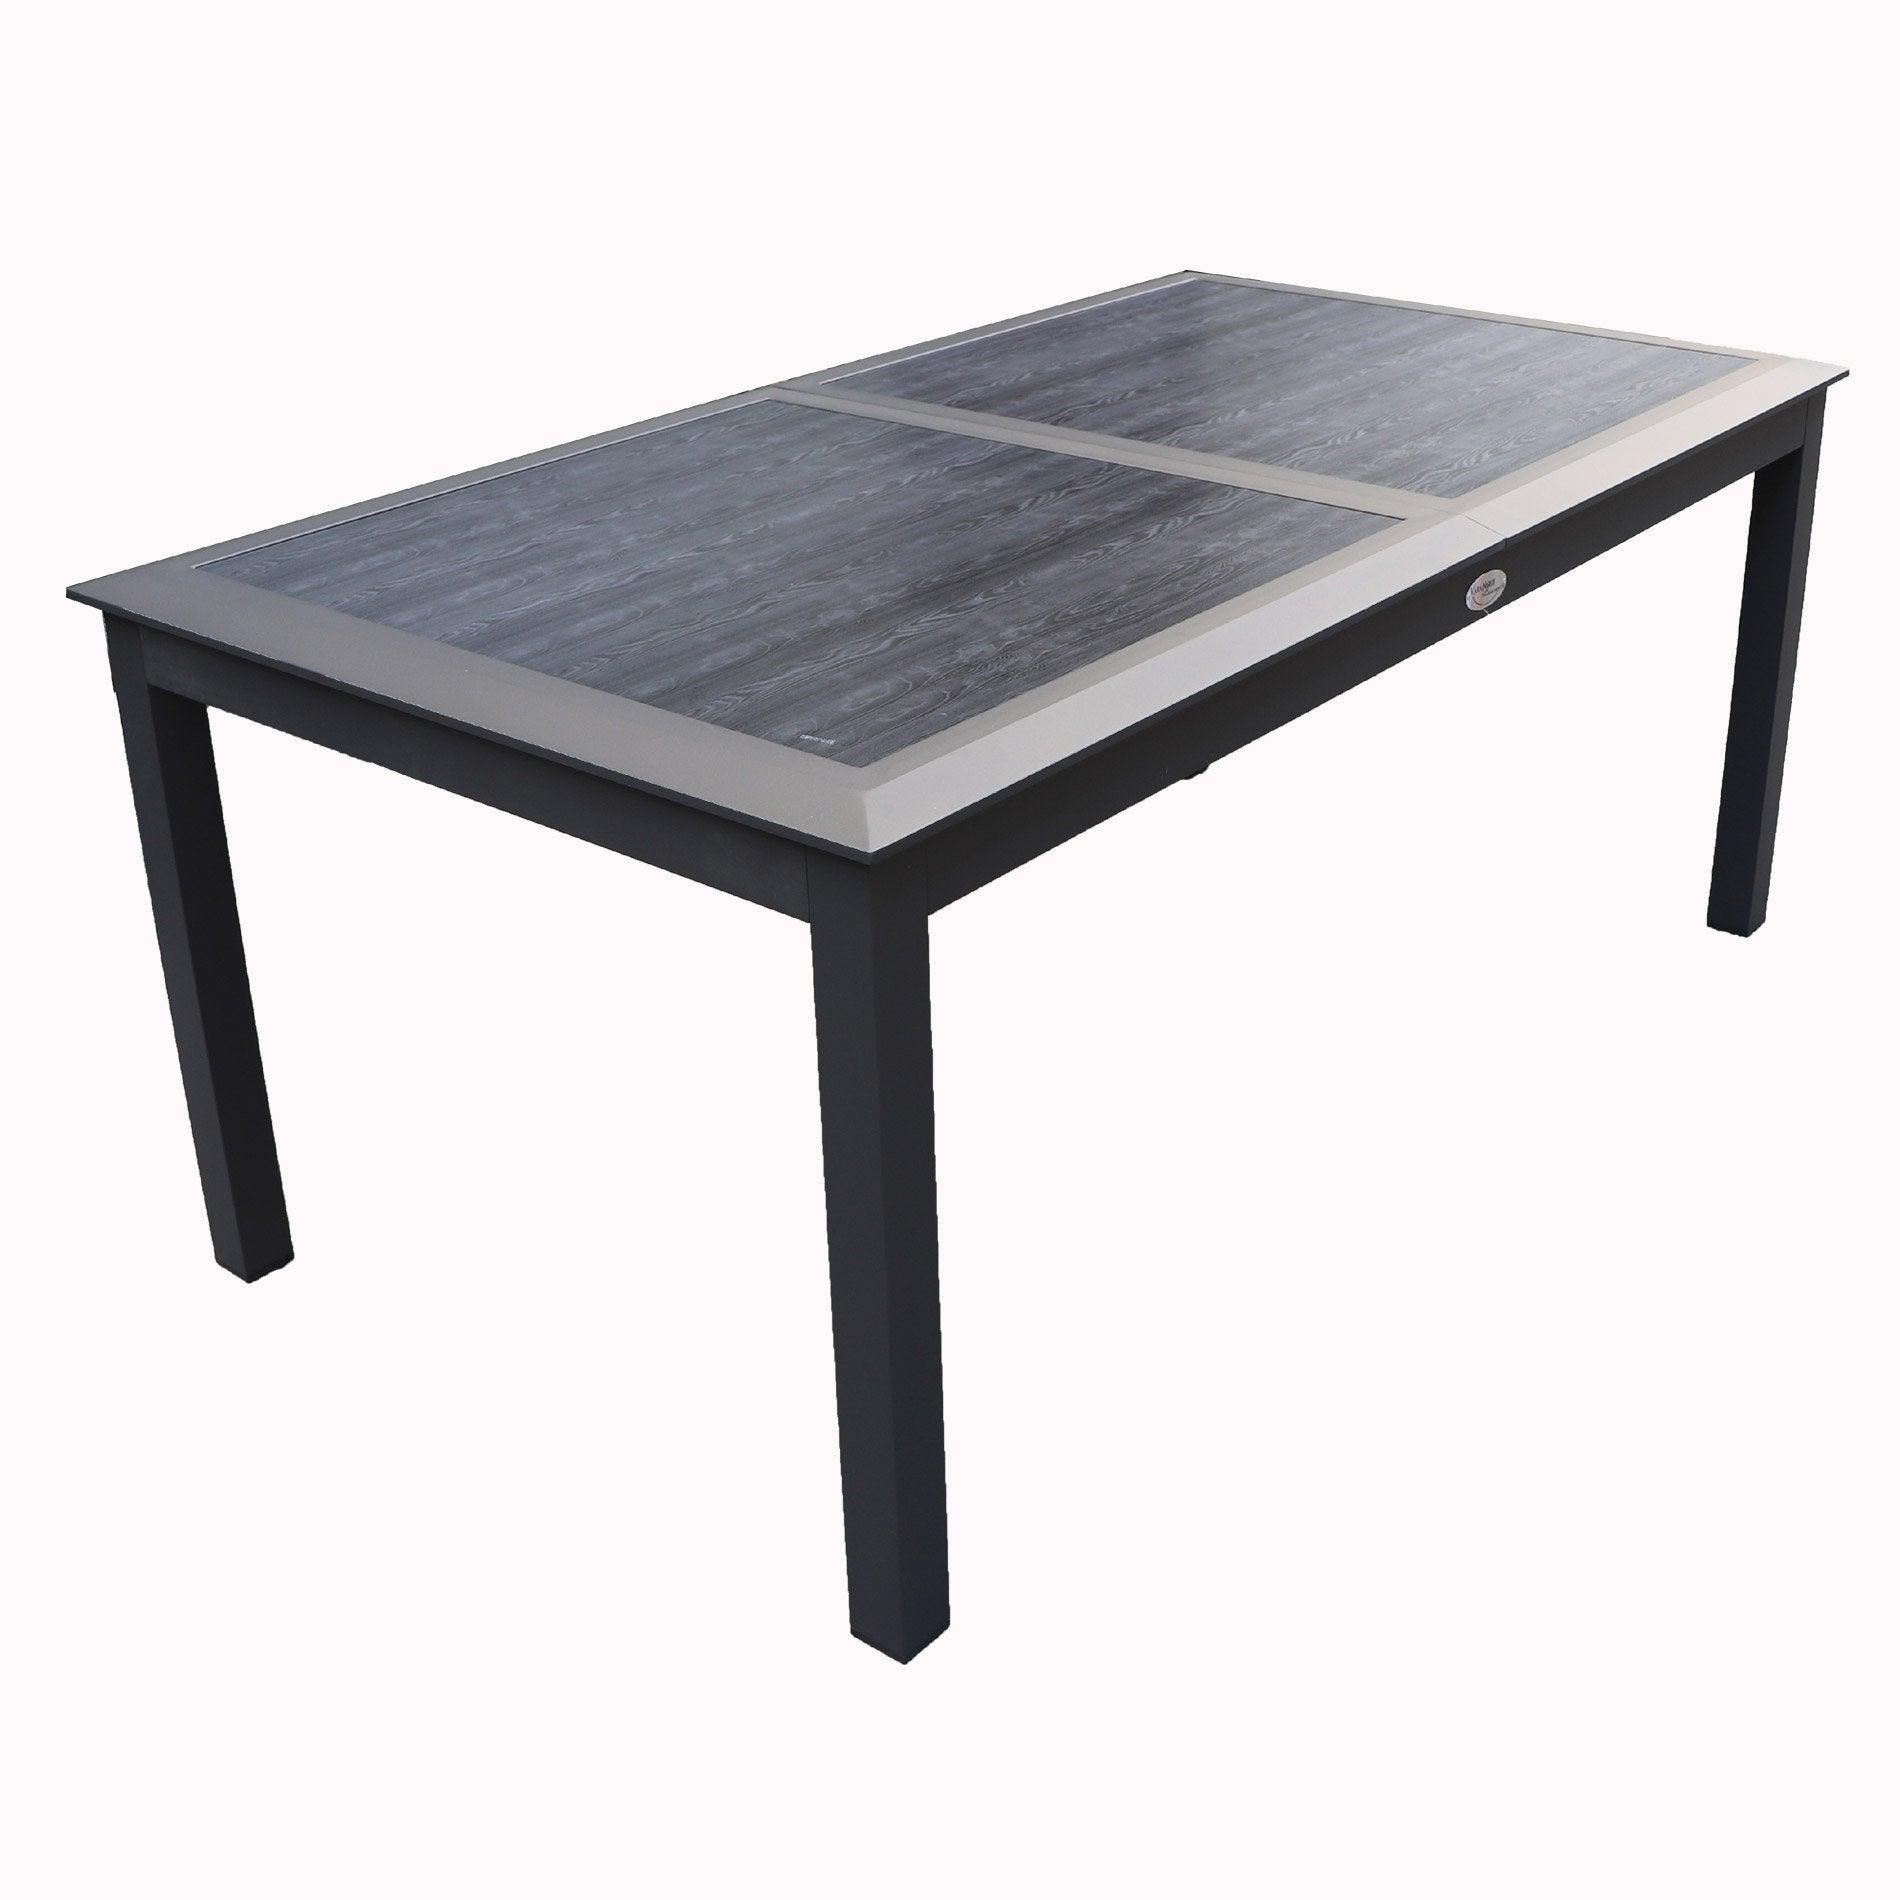 Au Merlin PrixLeroy De Jardin AluminiumBoisRésine Table Meilleur LRj53q4A